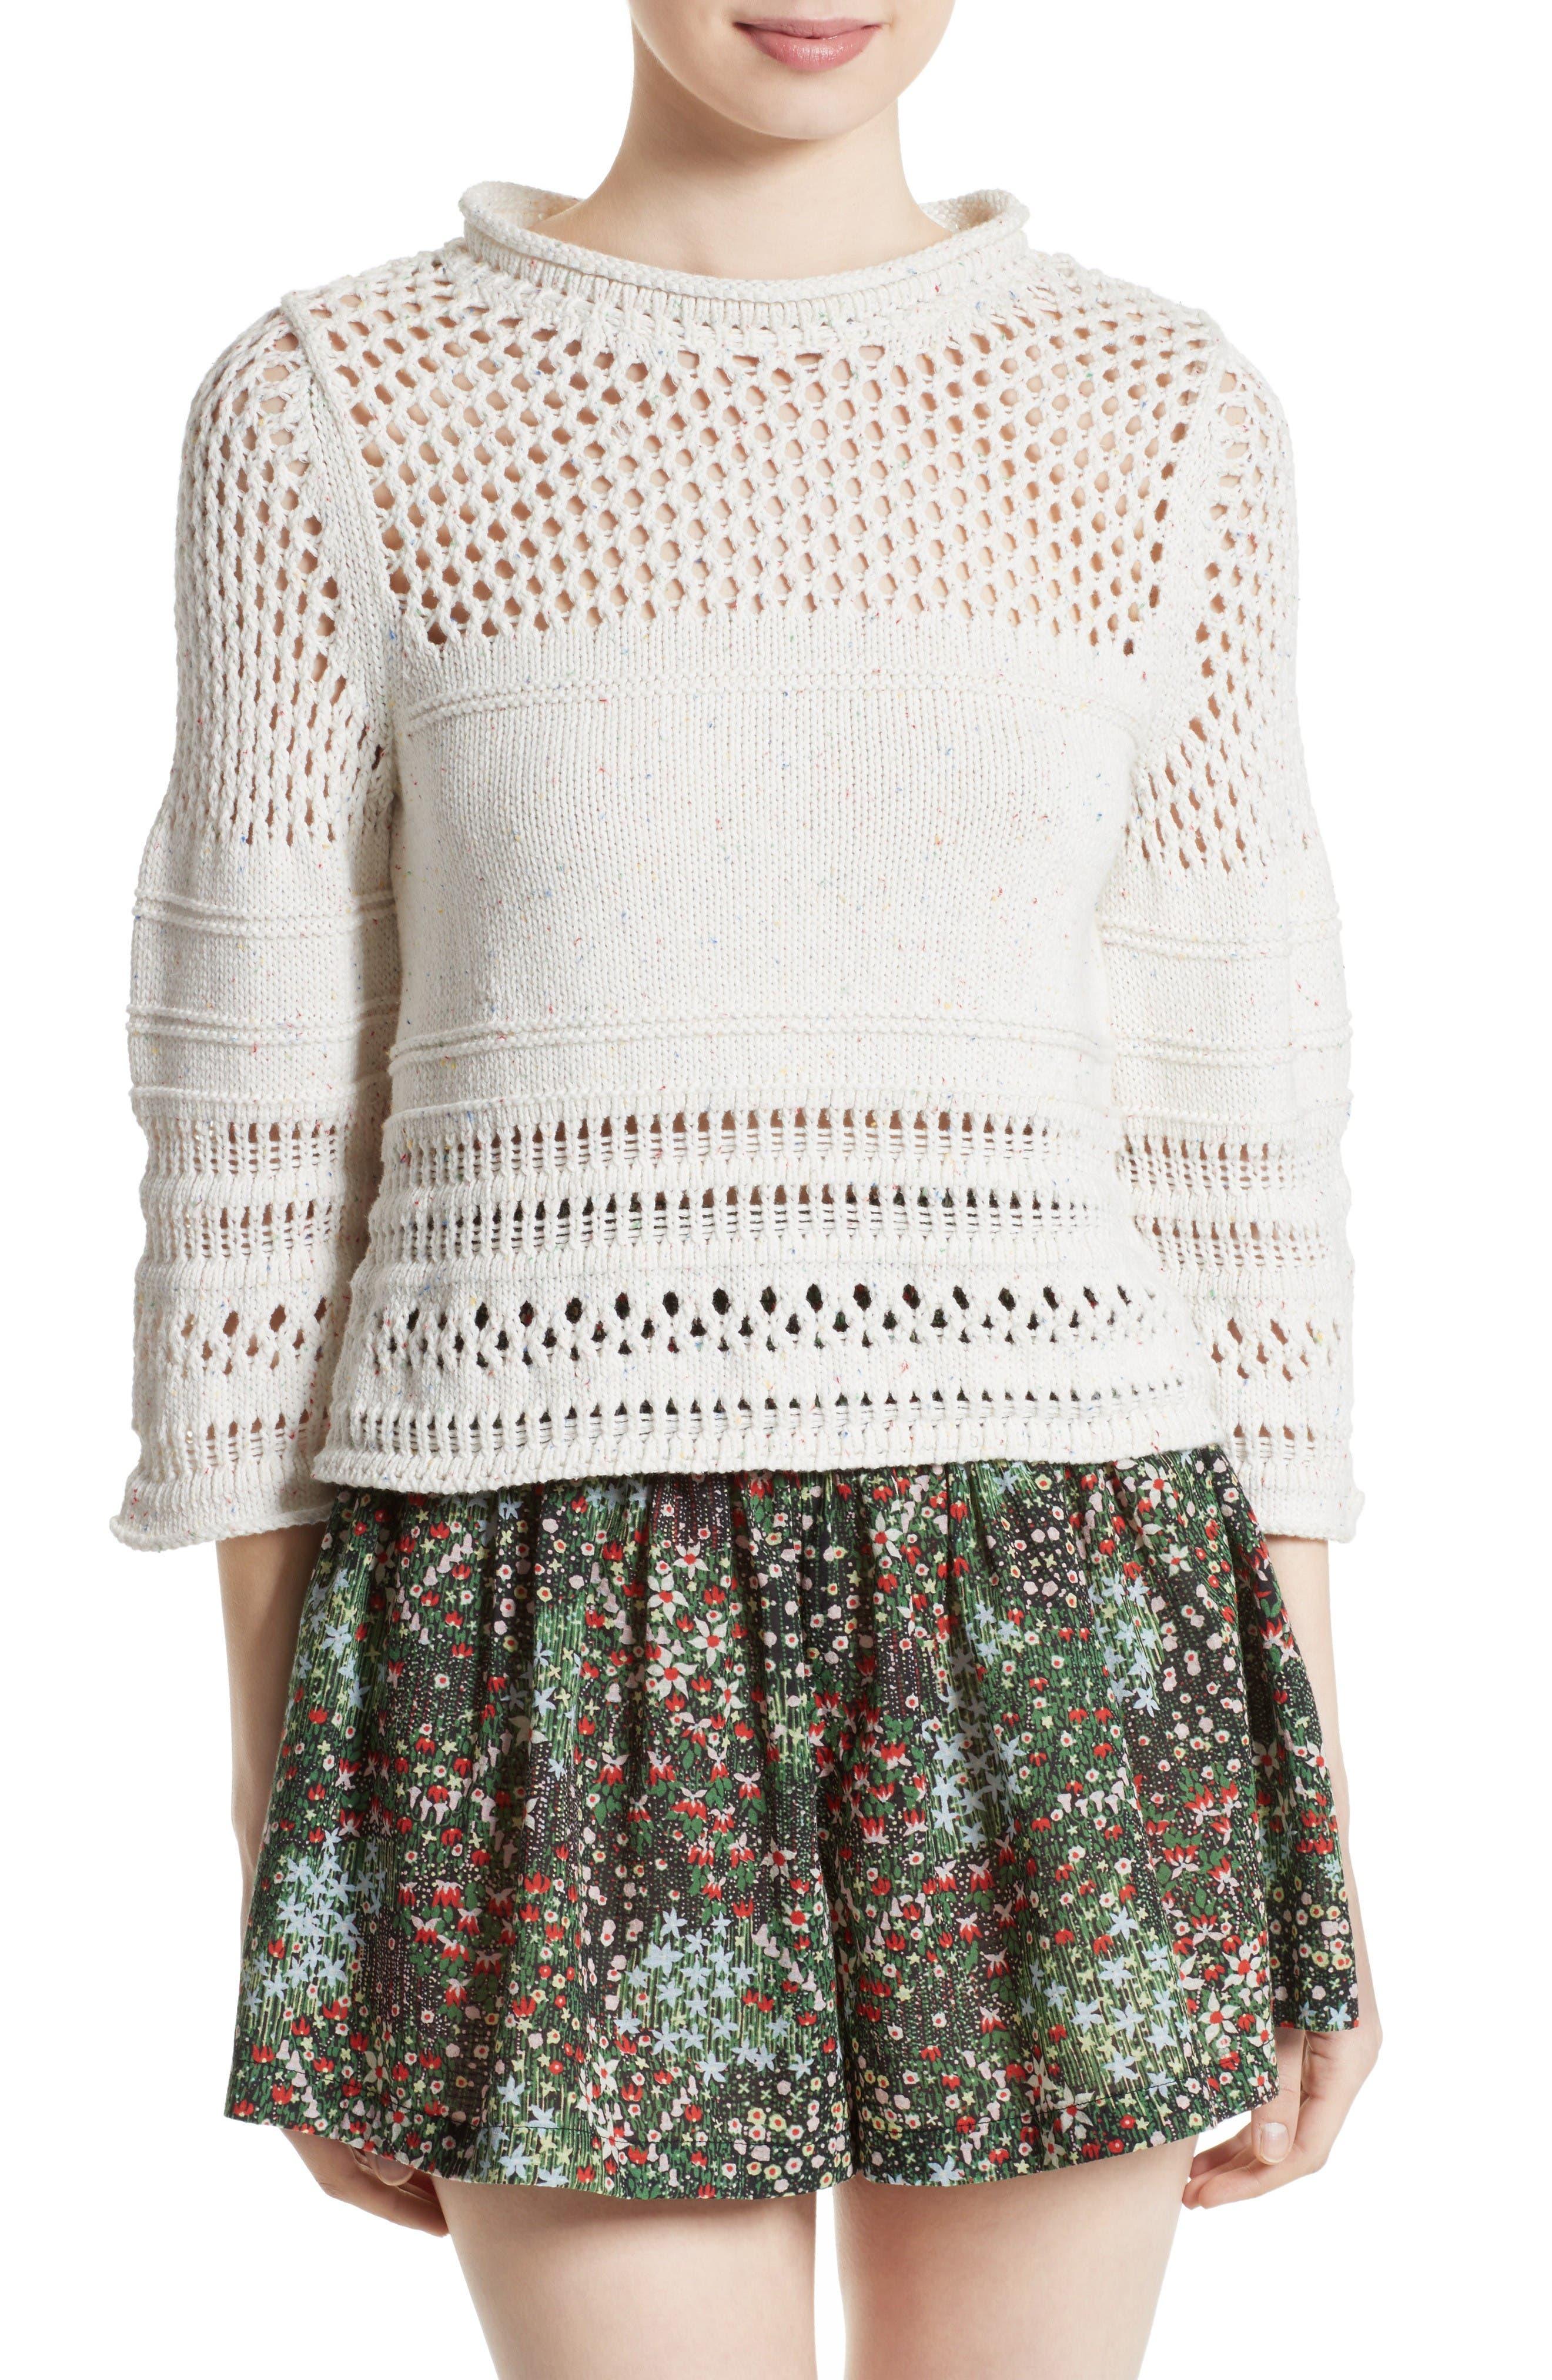 LA VIE REBECCA TAYLOR Confetti Knit Pullover